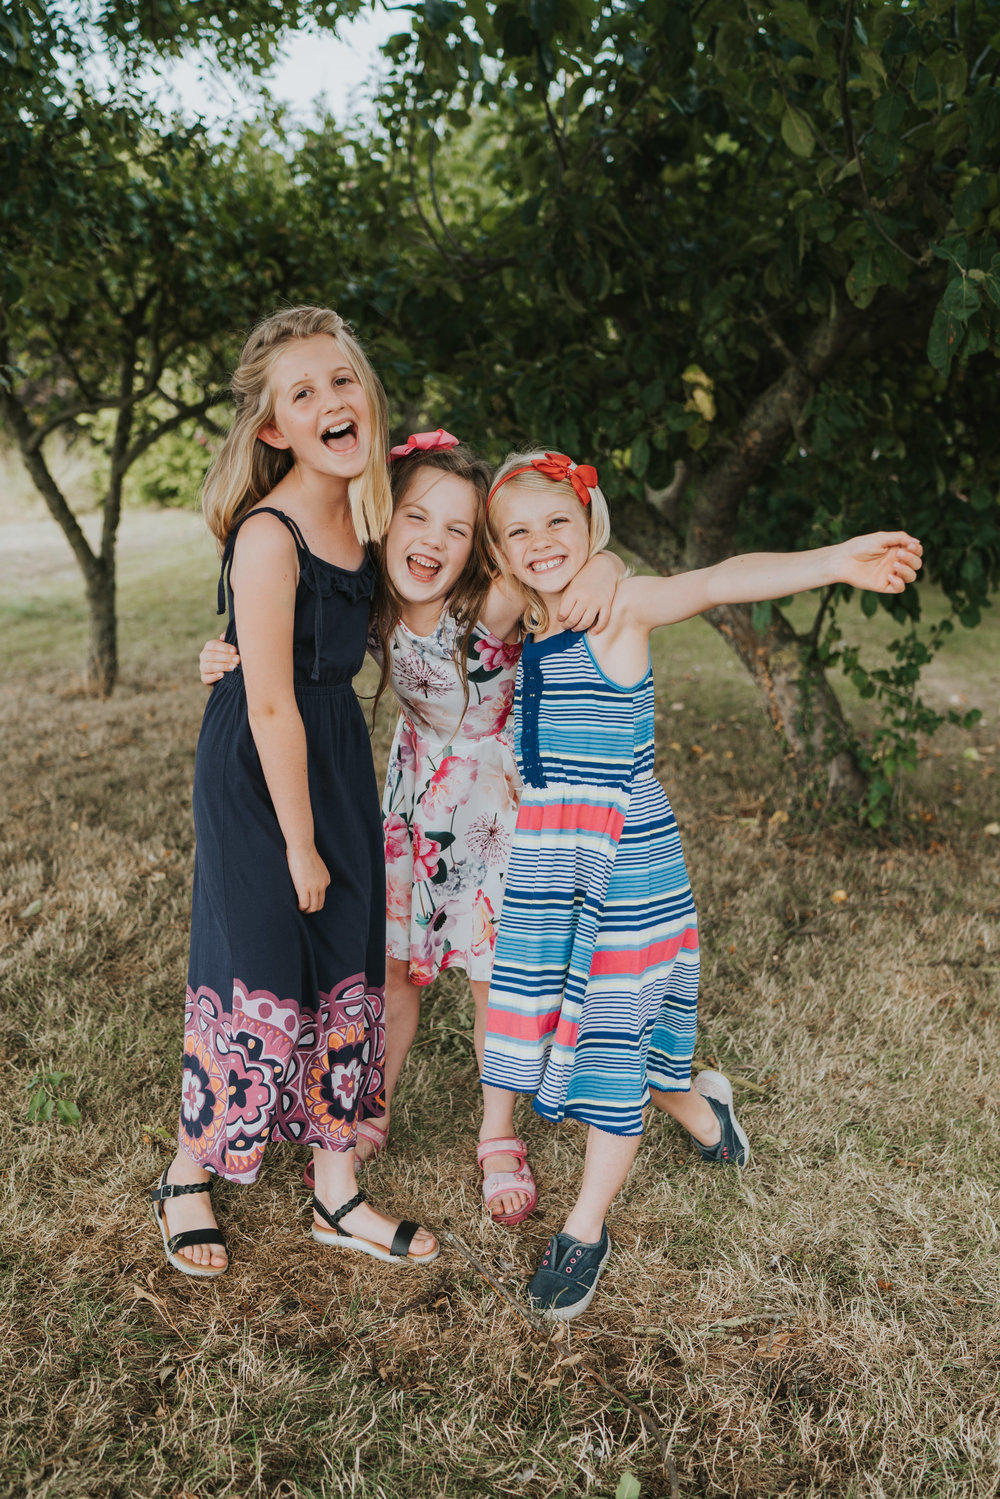 Grace-Elizabeth-Extended-Family-Session-Essex-Lifestyle-Shoot-Essex-Alternative-Wedding-Photographer-Colchester-Essex-Suffolk-Devon-Norfolk (7 of 47).jpg